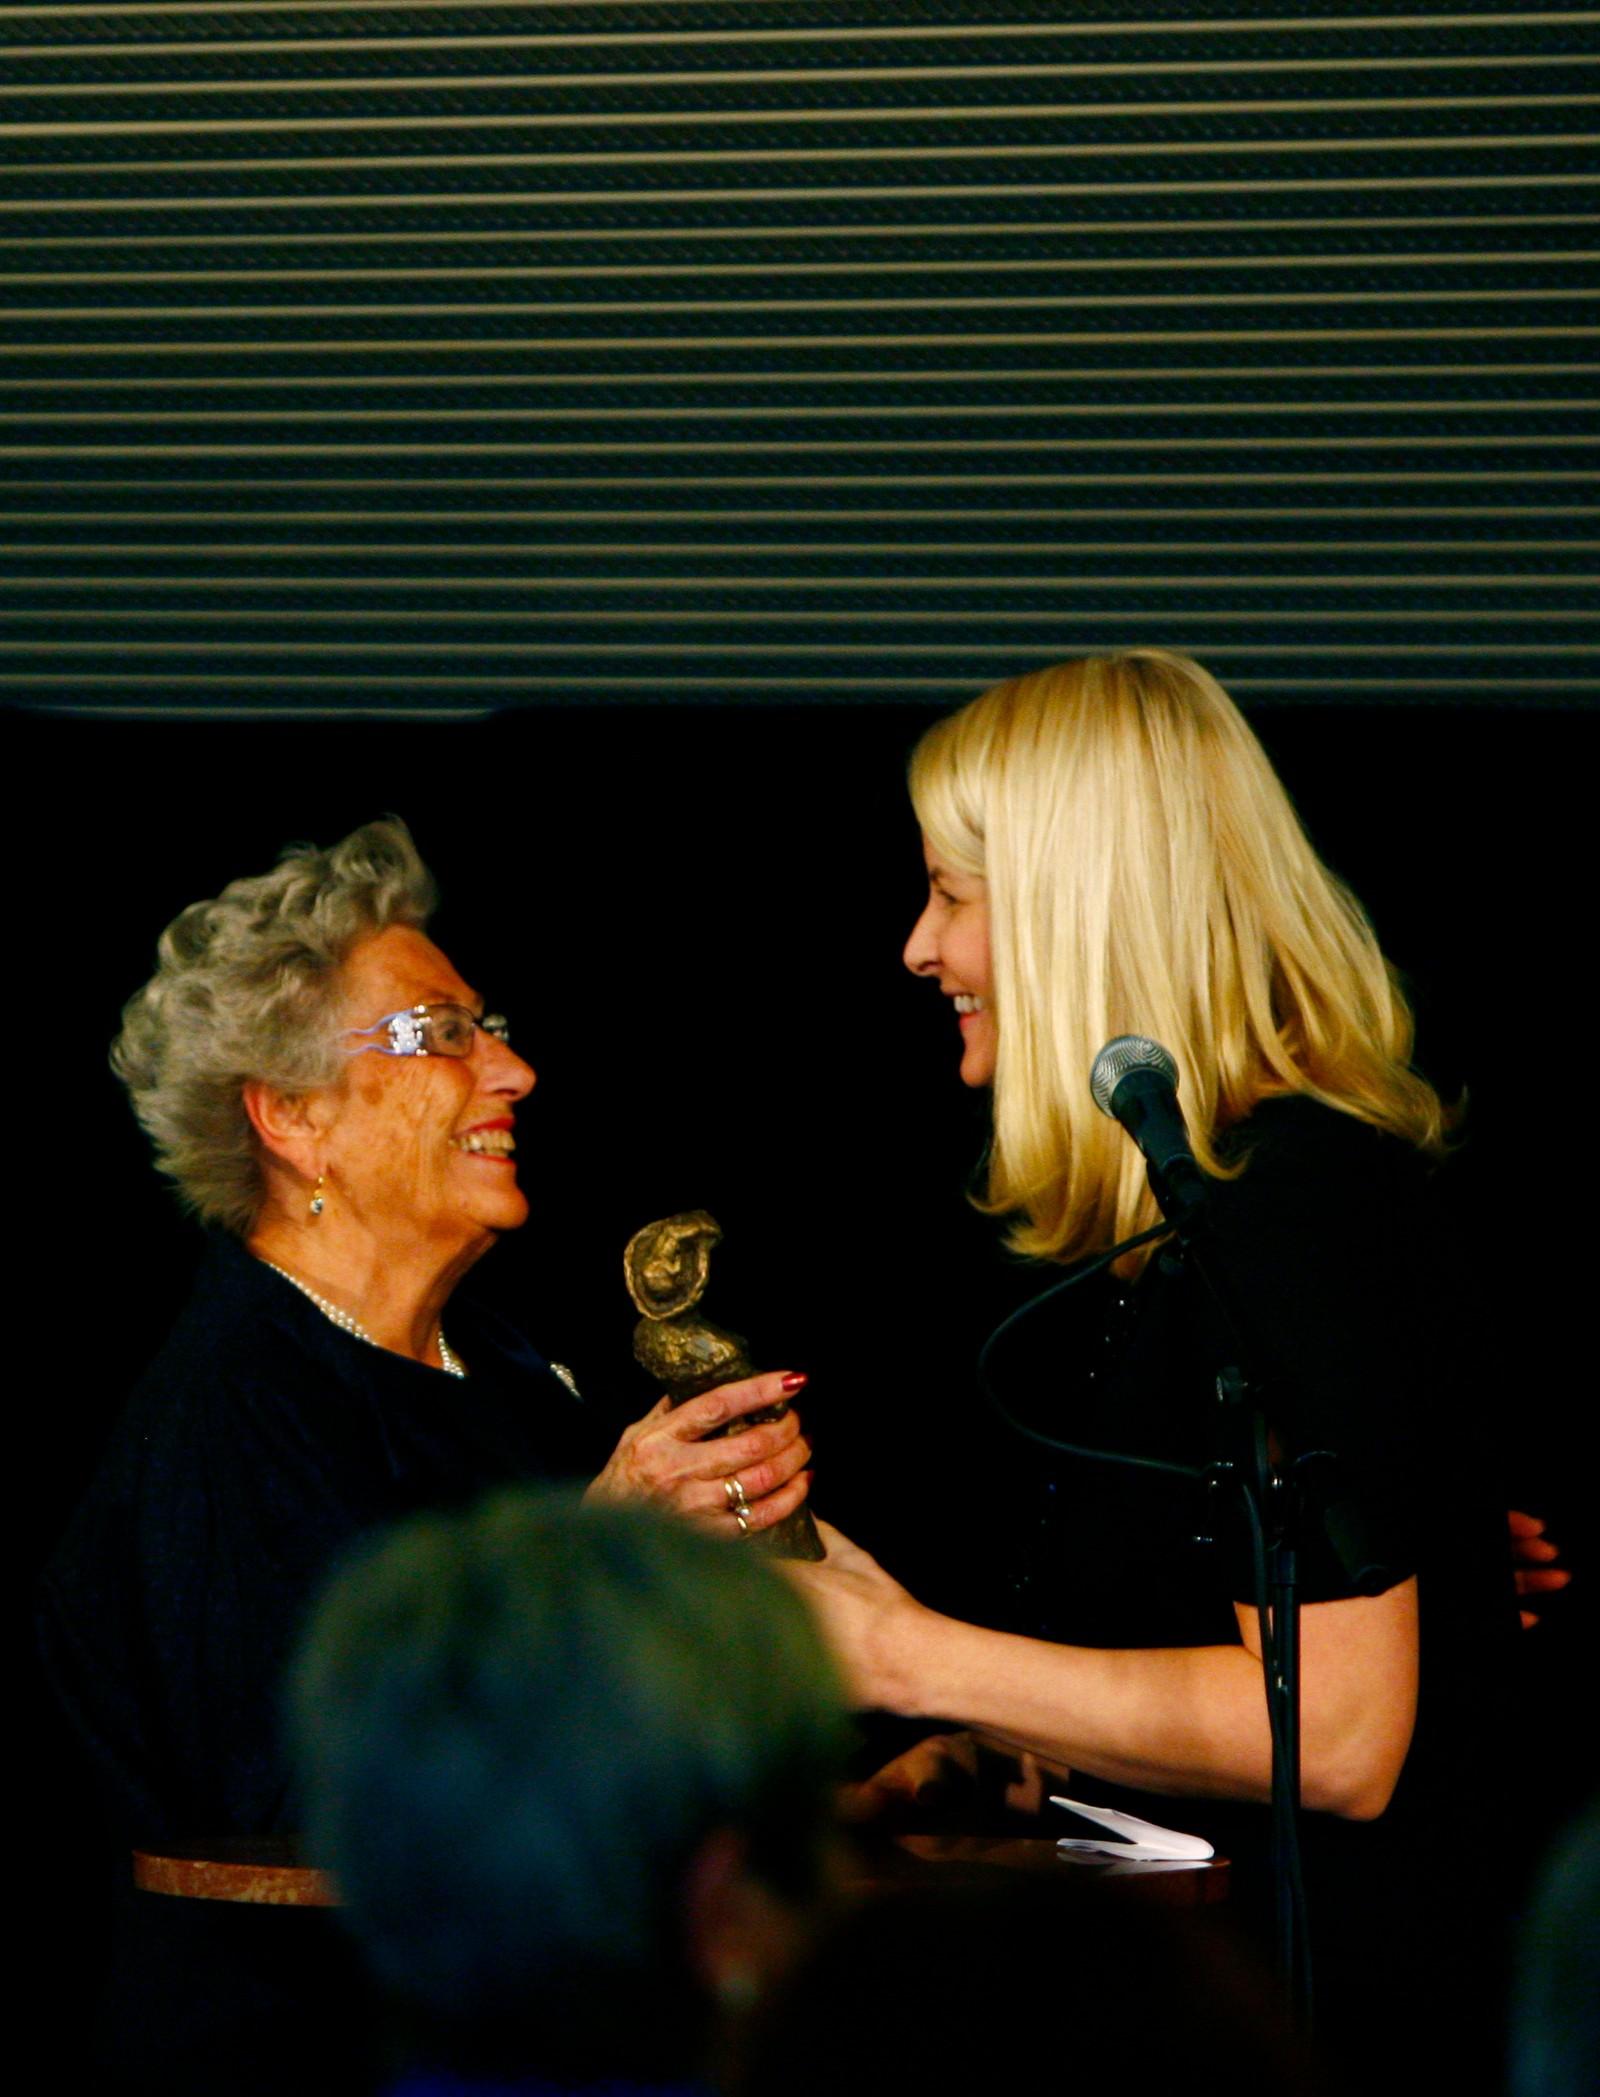 - GOD STØTTE: Rådet om å vere seg sjølv i den kongelege rolla gav prinsesse Astrid vidare også til kronprinsesse Mette-Marit. Den erfarne tanta blei ei god støtte for kronprinsparet, ifølgje kronprins Haakon. Her får kronprinsessa Norske Kvinners Sanitetsforenings Frederikkepris overrakt av tante Astrid i 2008.